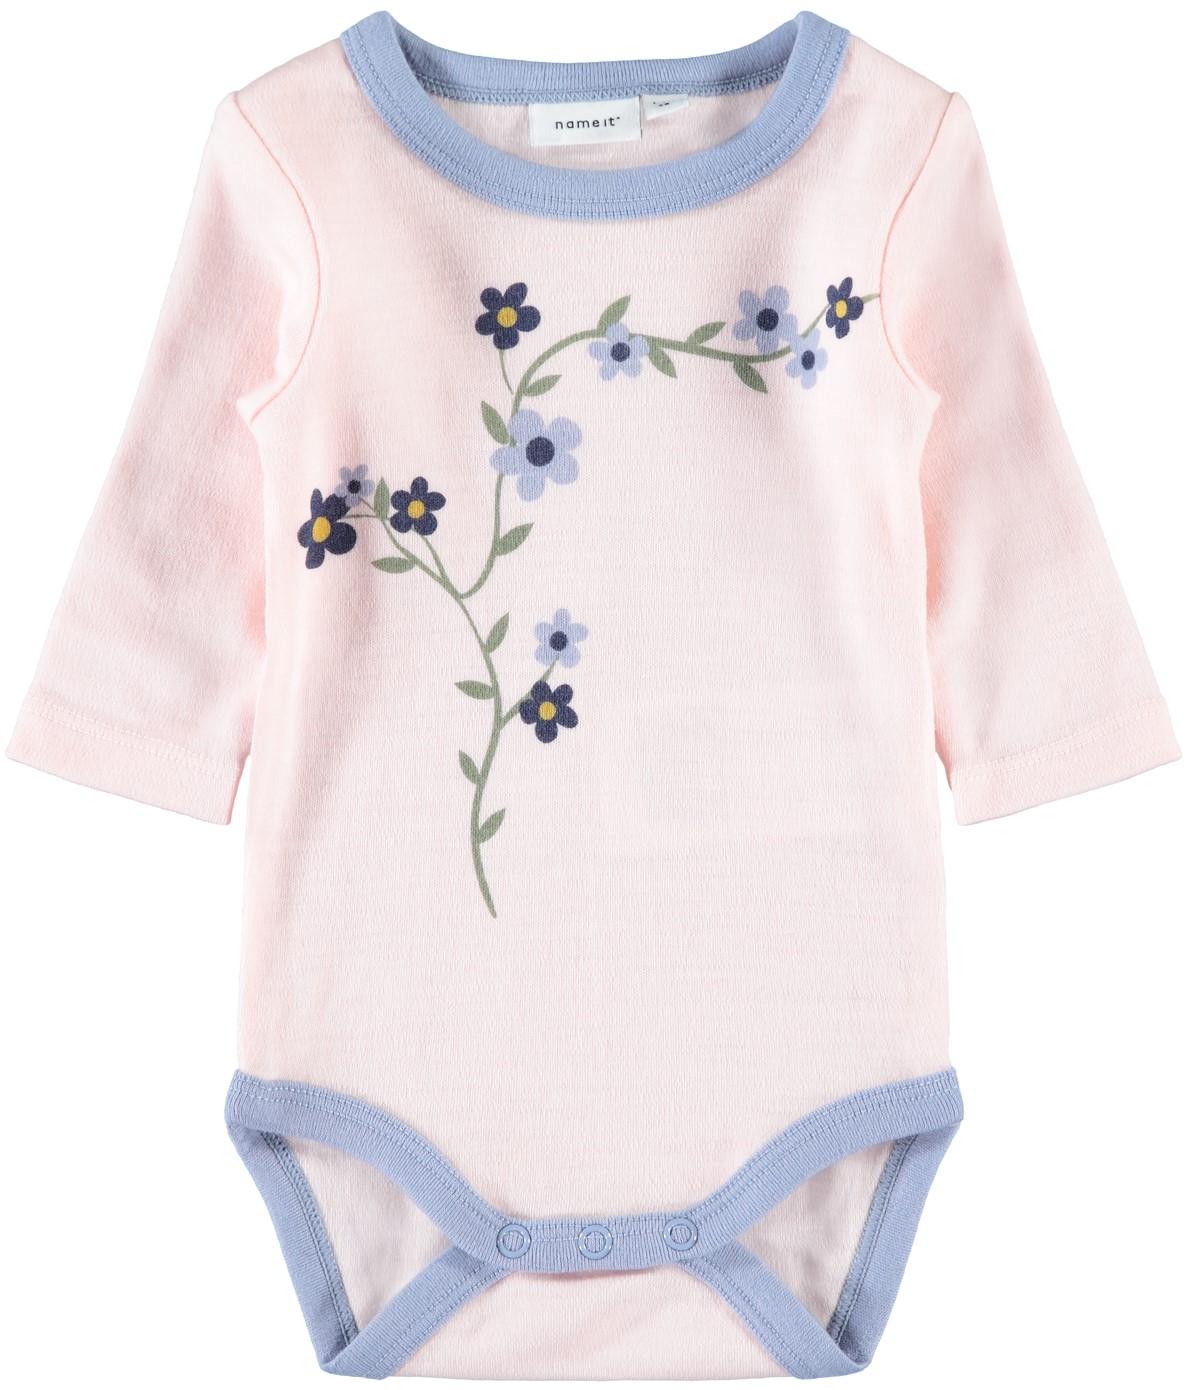 d395fa8d Rosa ullbody til baby – Ull ullbody rosa med blomster til baby – Mio Trend